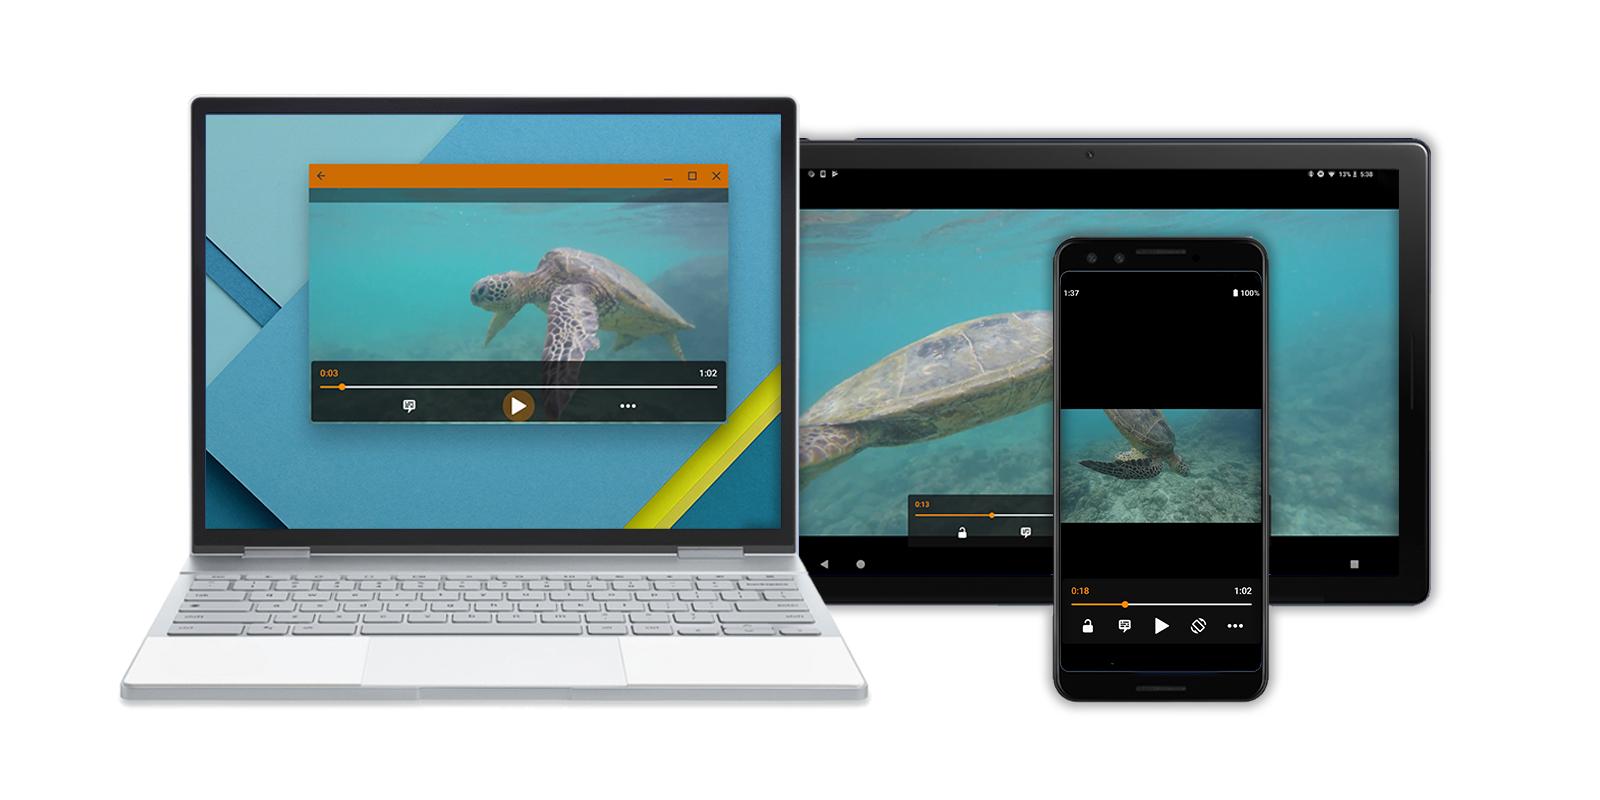 動的なサイズ変更の例を示す、モバイル、タブレット、ノートパソコンの各デバイスに複数のバージョンのレイアウトで表示された画像